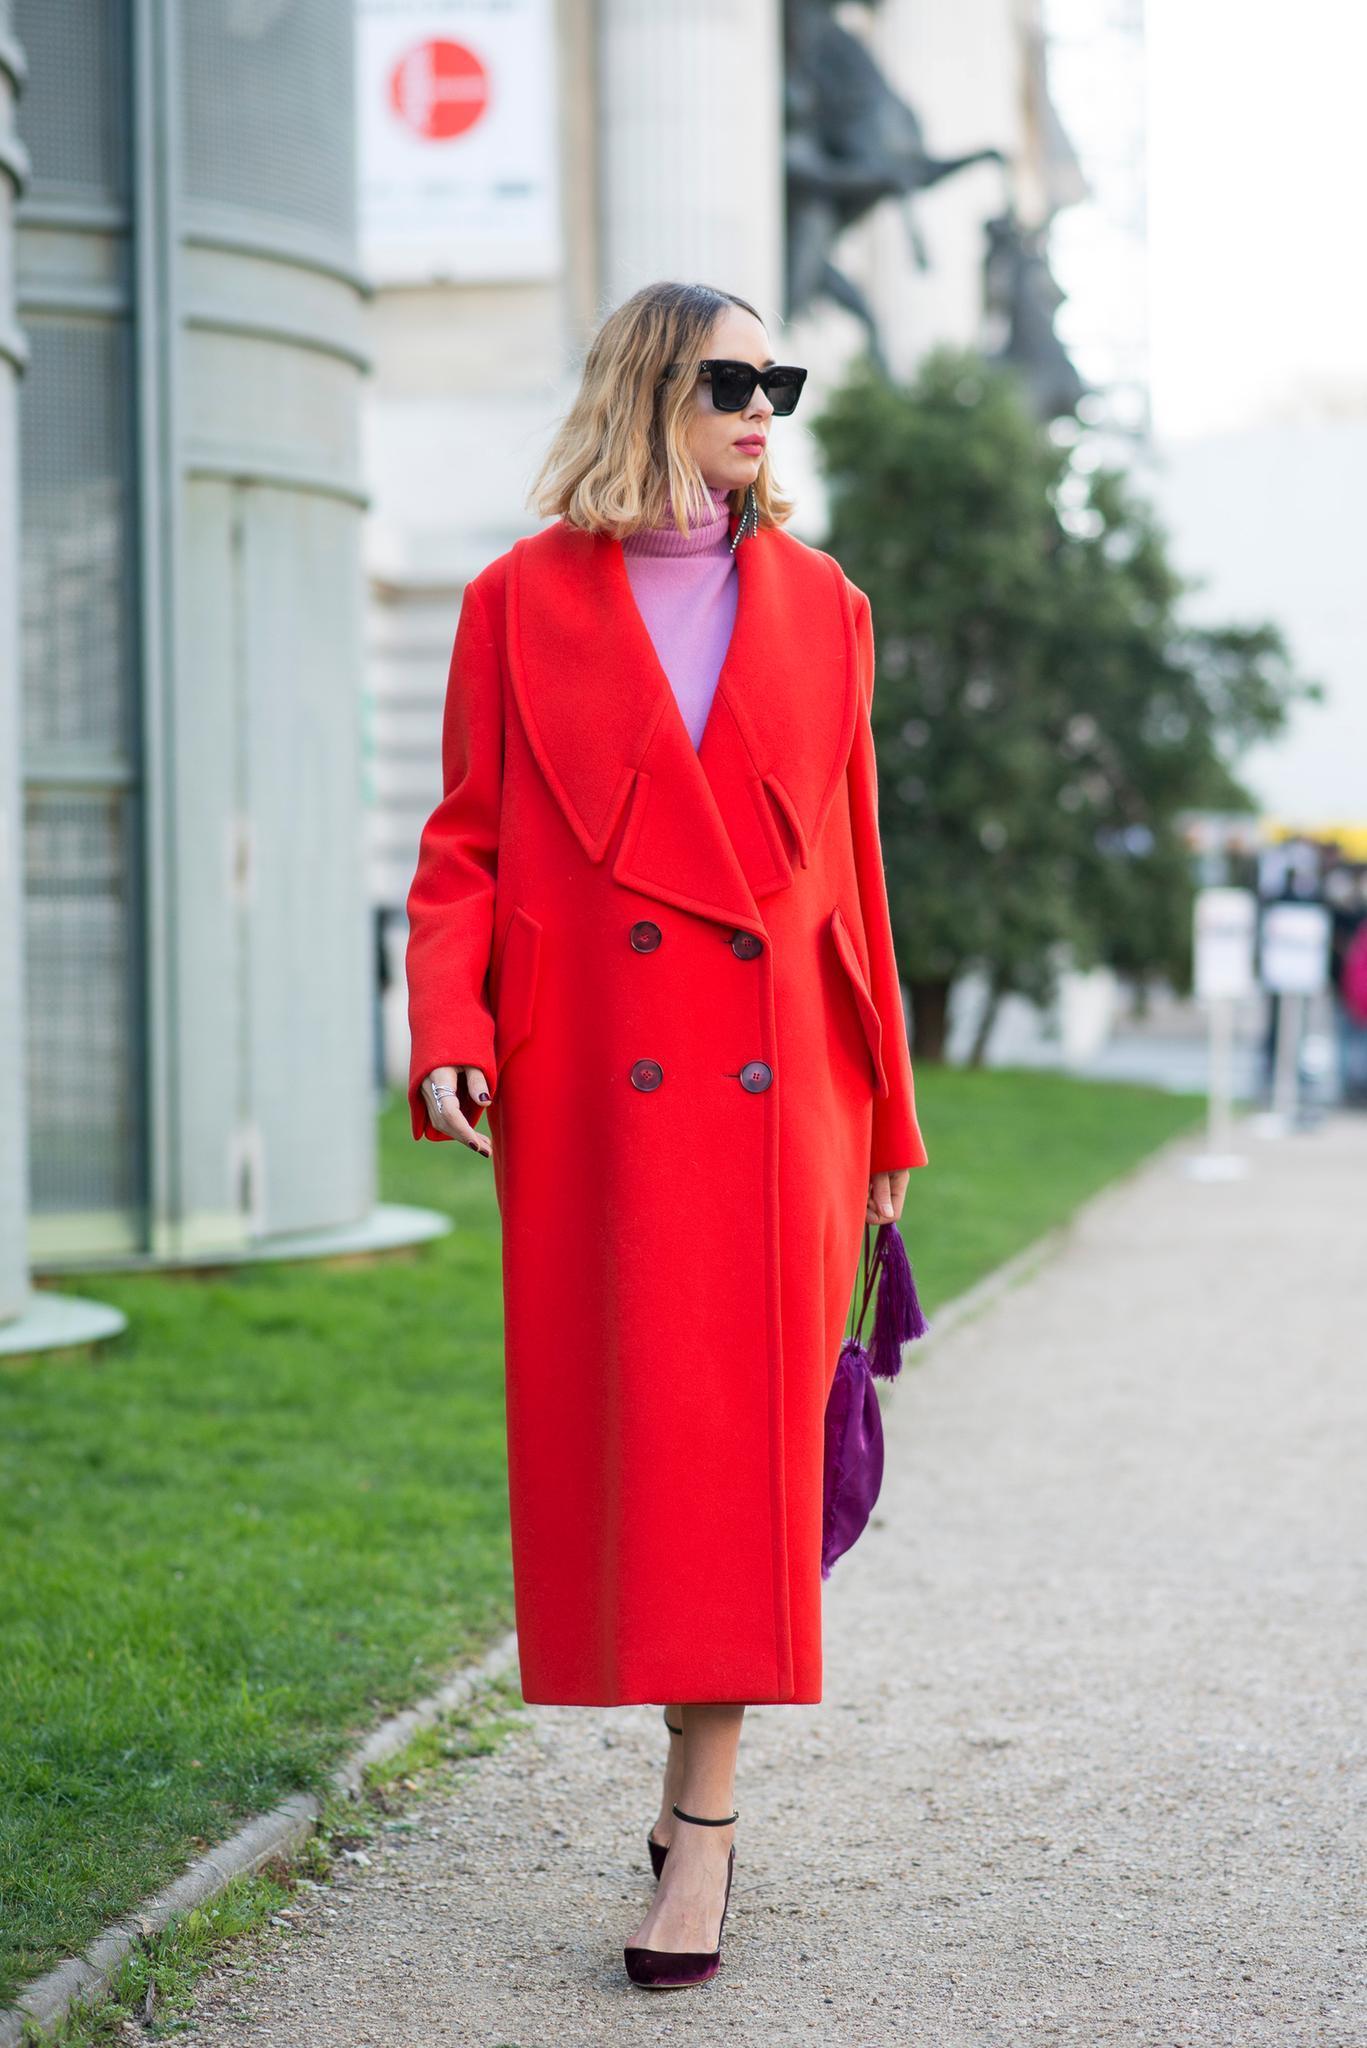 Die schönsten Streetstyles, die Lust auf Frühling machen: Pink und Rot kombinieren